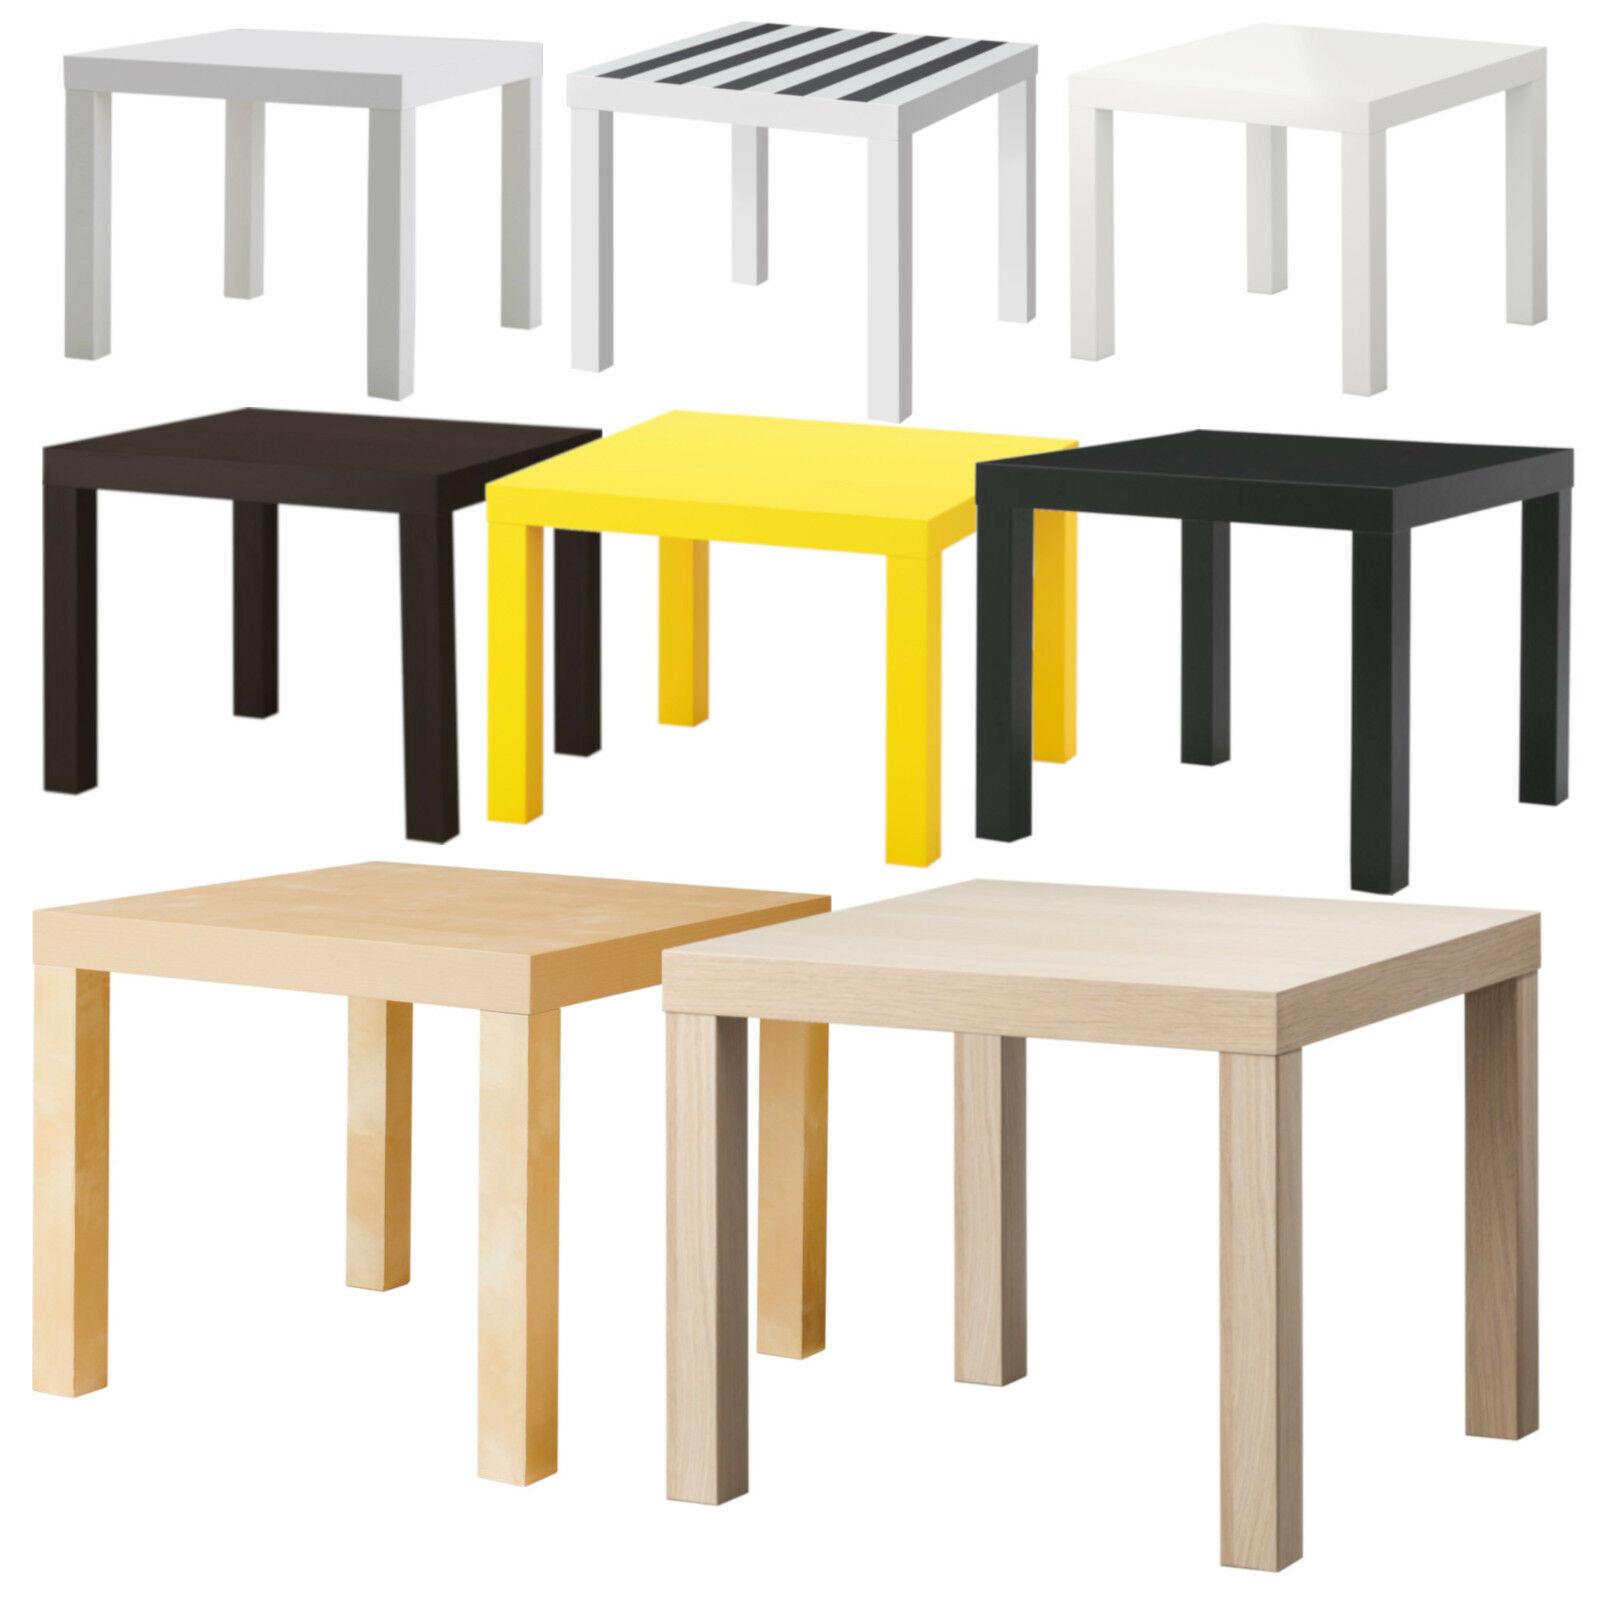 Ikea Lack Beistelltisch 55 cm Weiß Schwarz Rot Grün Gelb Birke Couchtisch Tisch